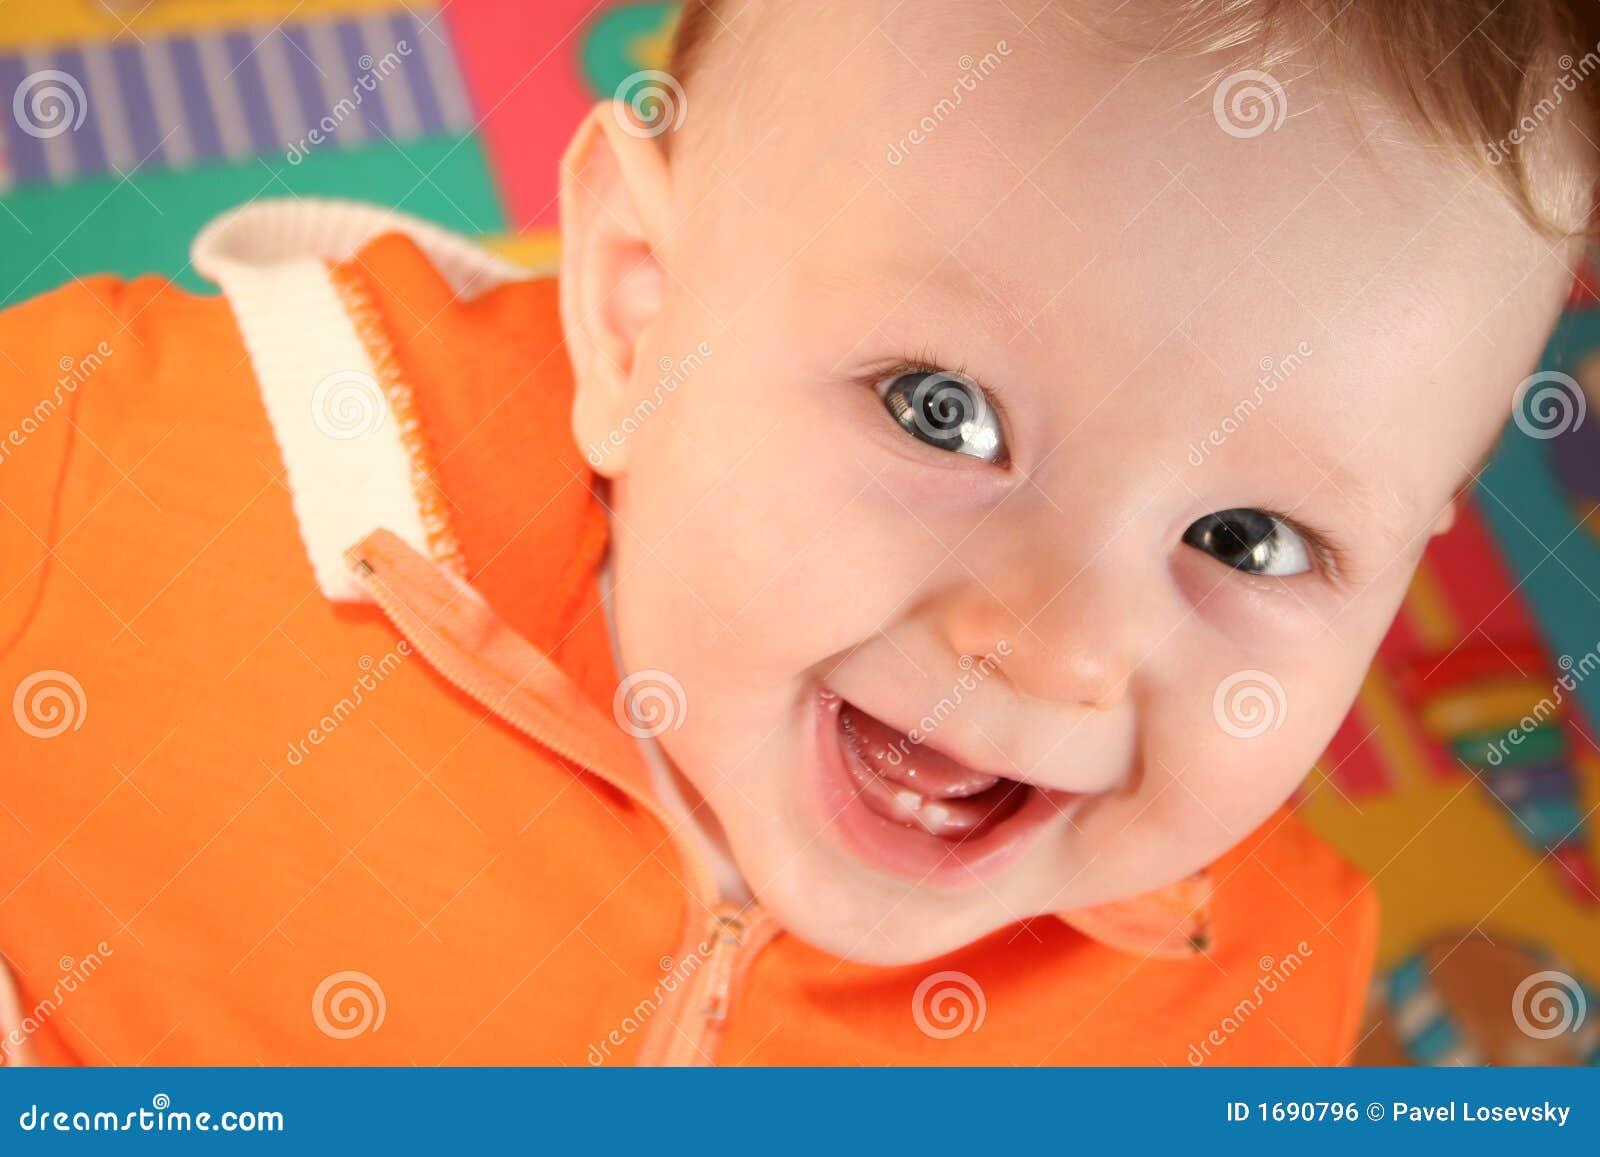 Lächeln-Baby mit dem Zahn